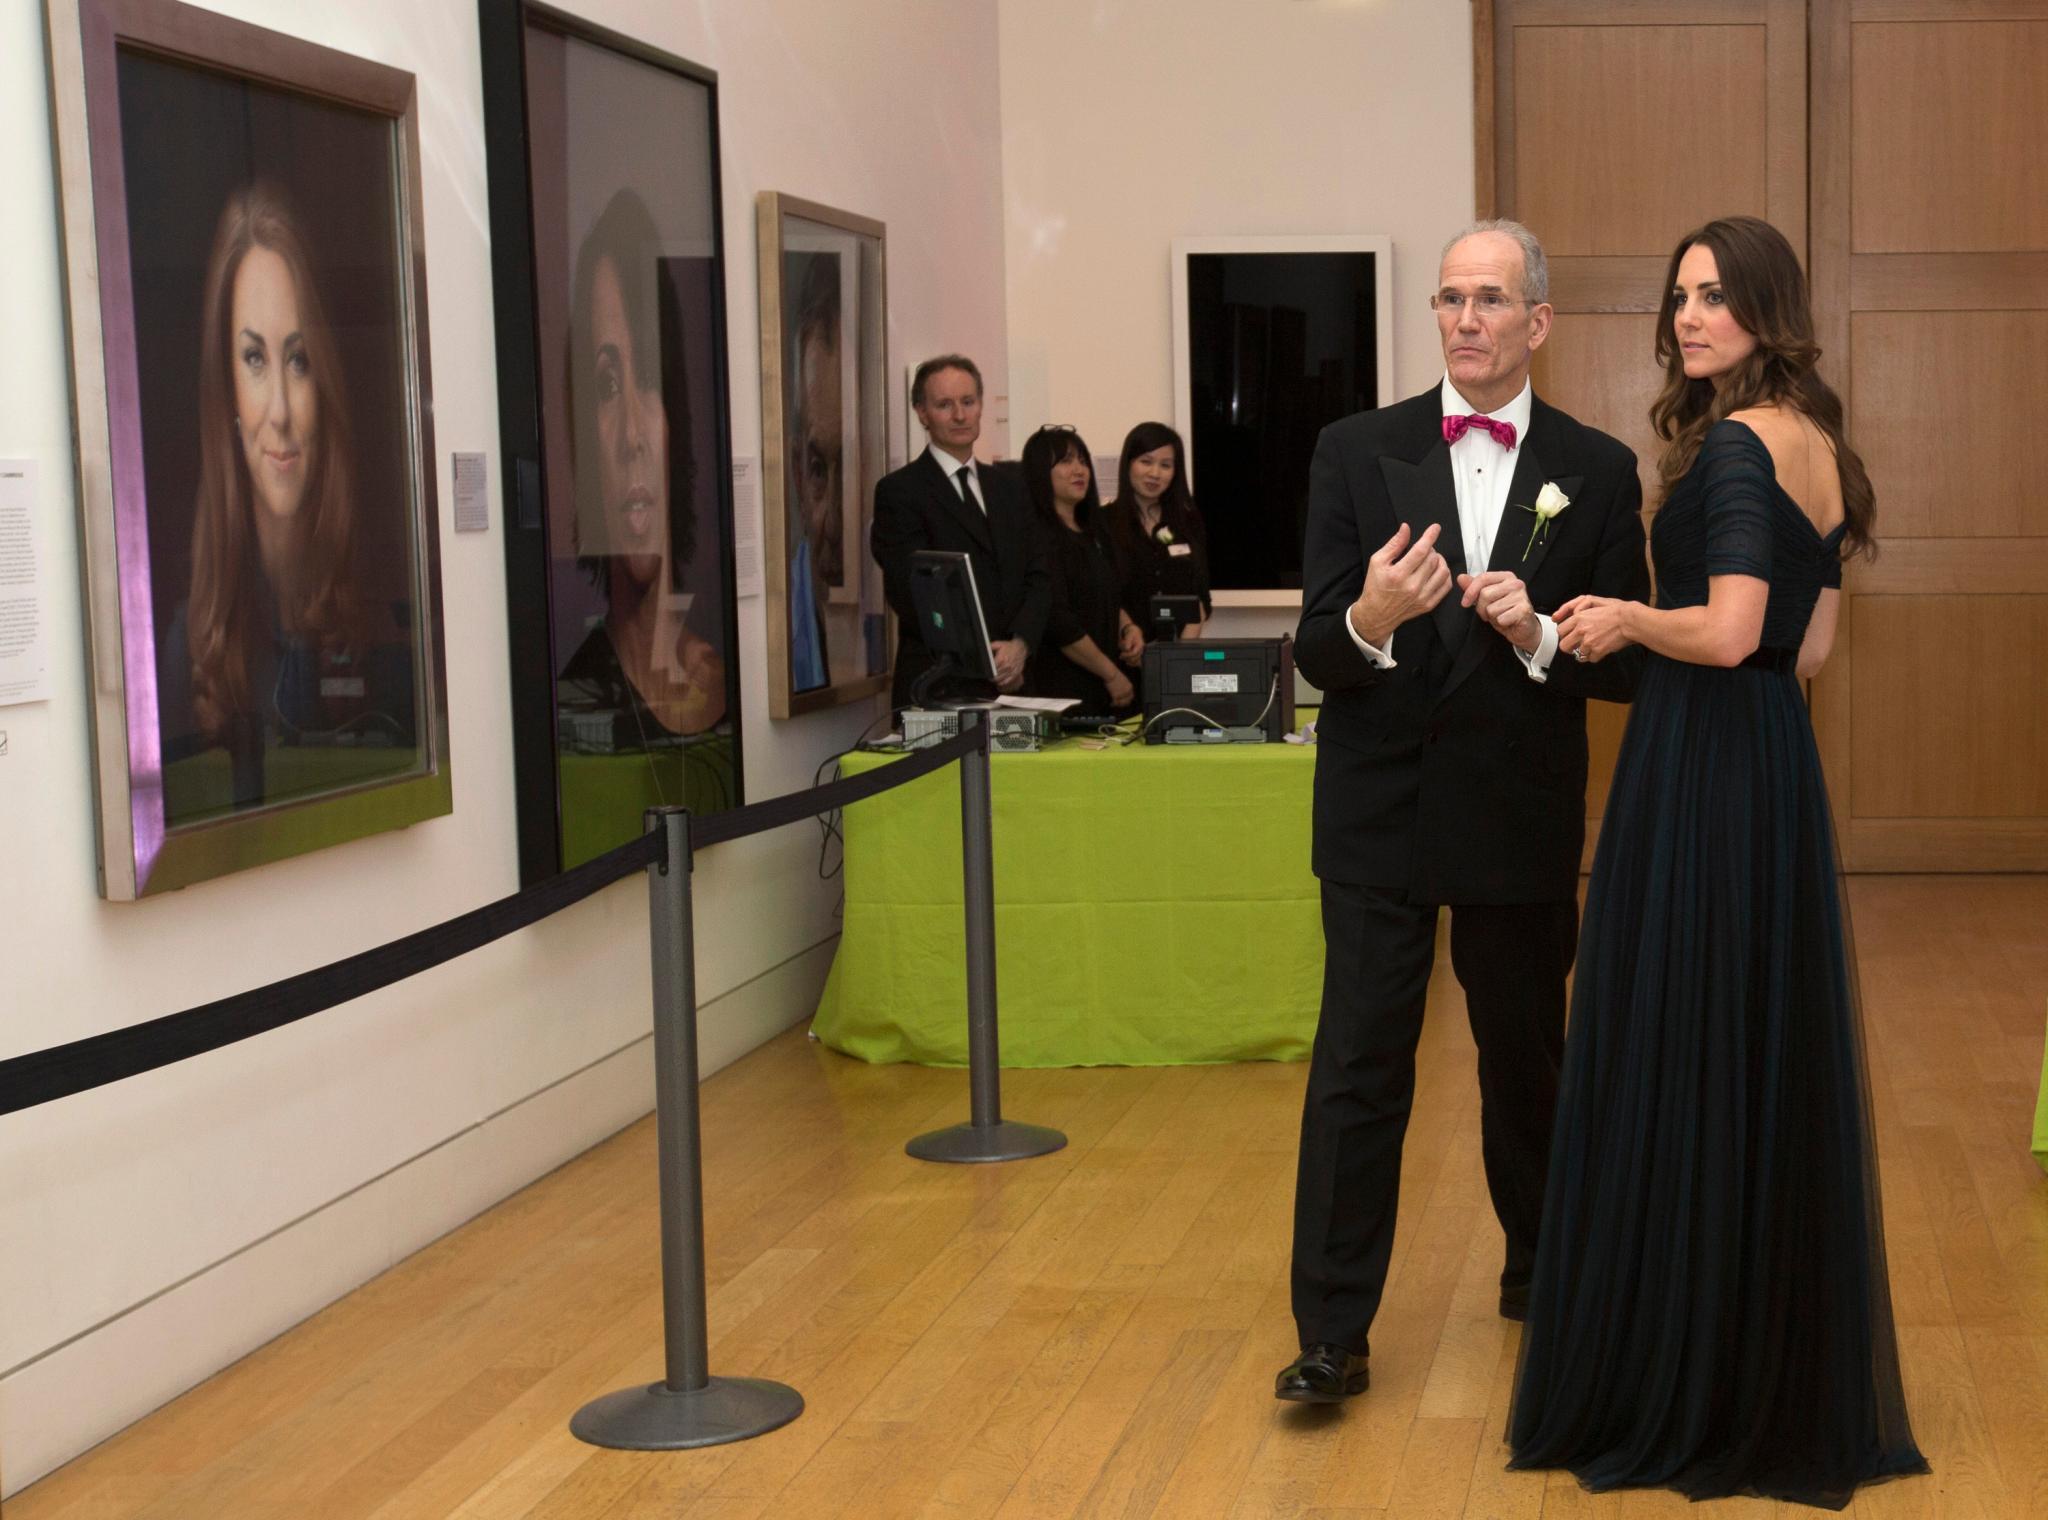 Herzogin Catherine schaut sich mit Museumsdirektor Sandy Nairne ihr offizielles Porträt an, das am 11. Januar 2013 enthüllt wurde.